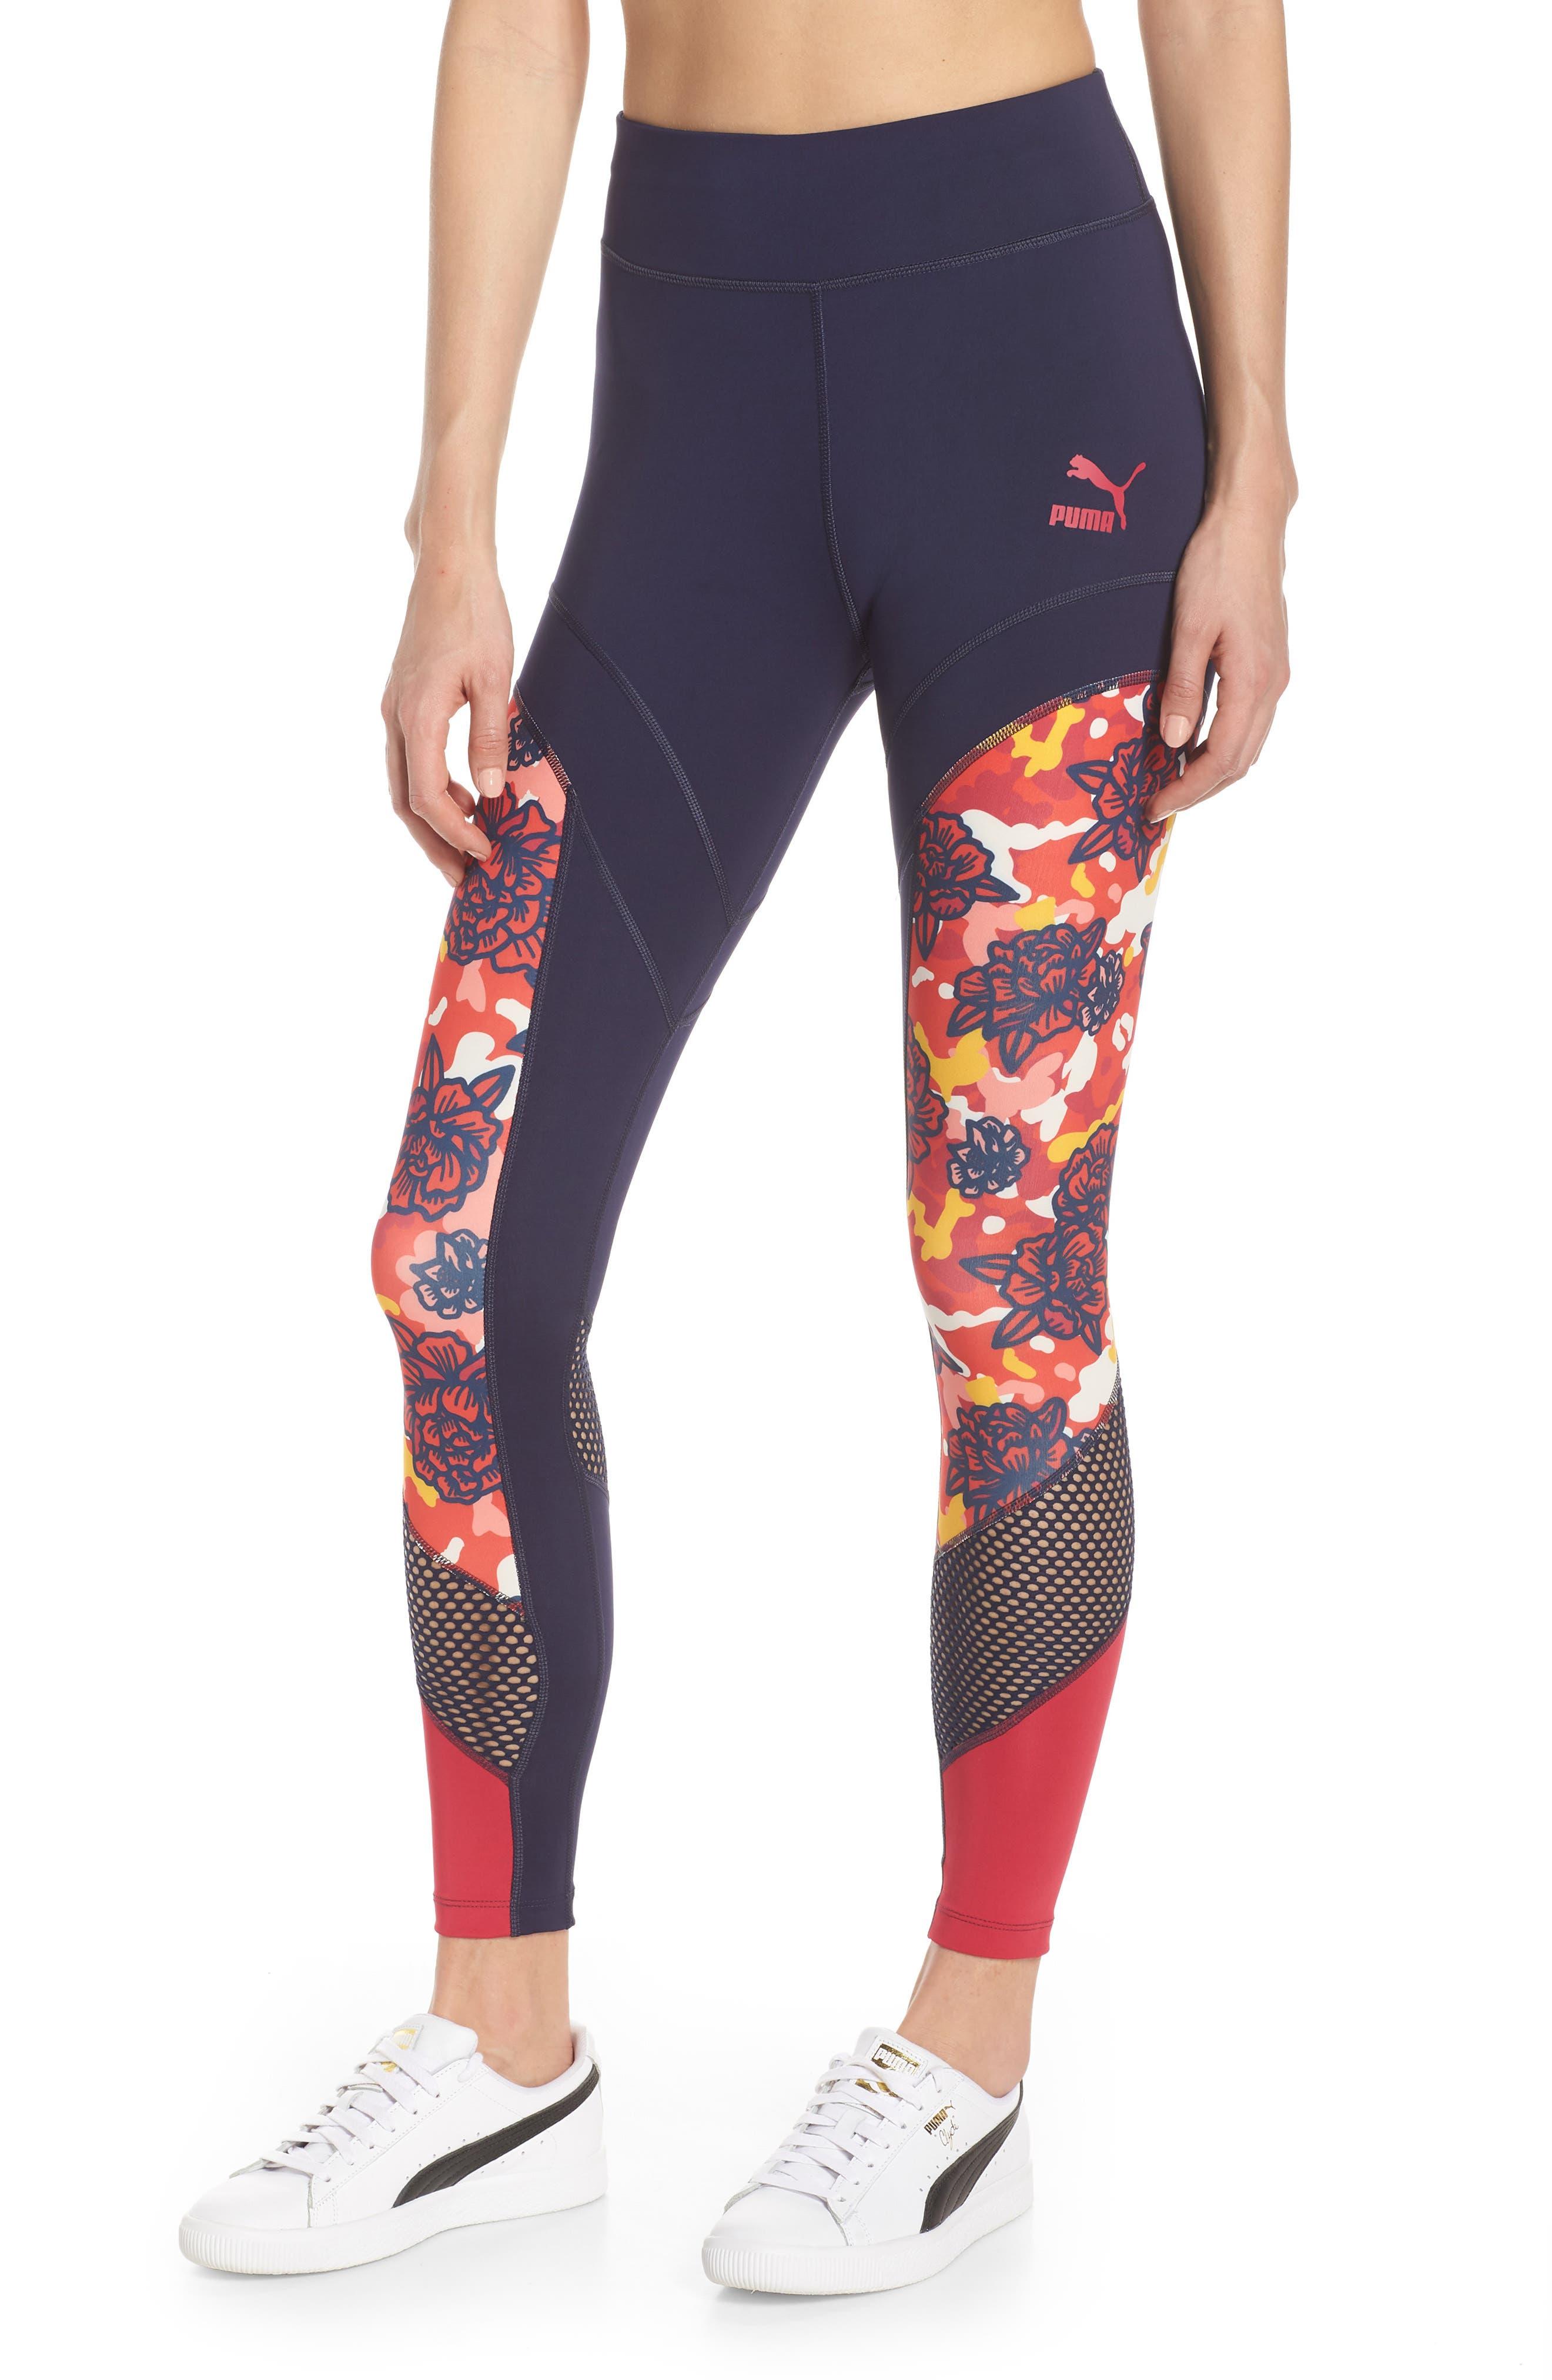 PUMA Flourish Flourish XTG Leggings, Main, color, PEACOAT-HIBISCUS MULTI